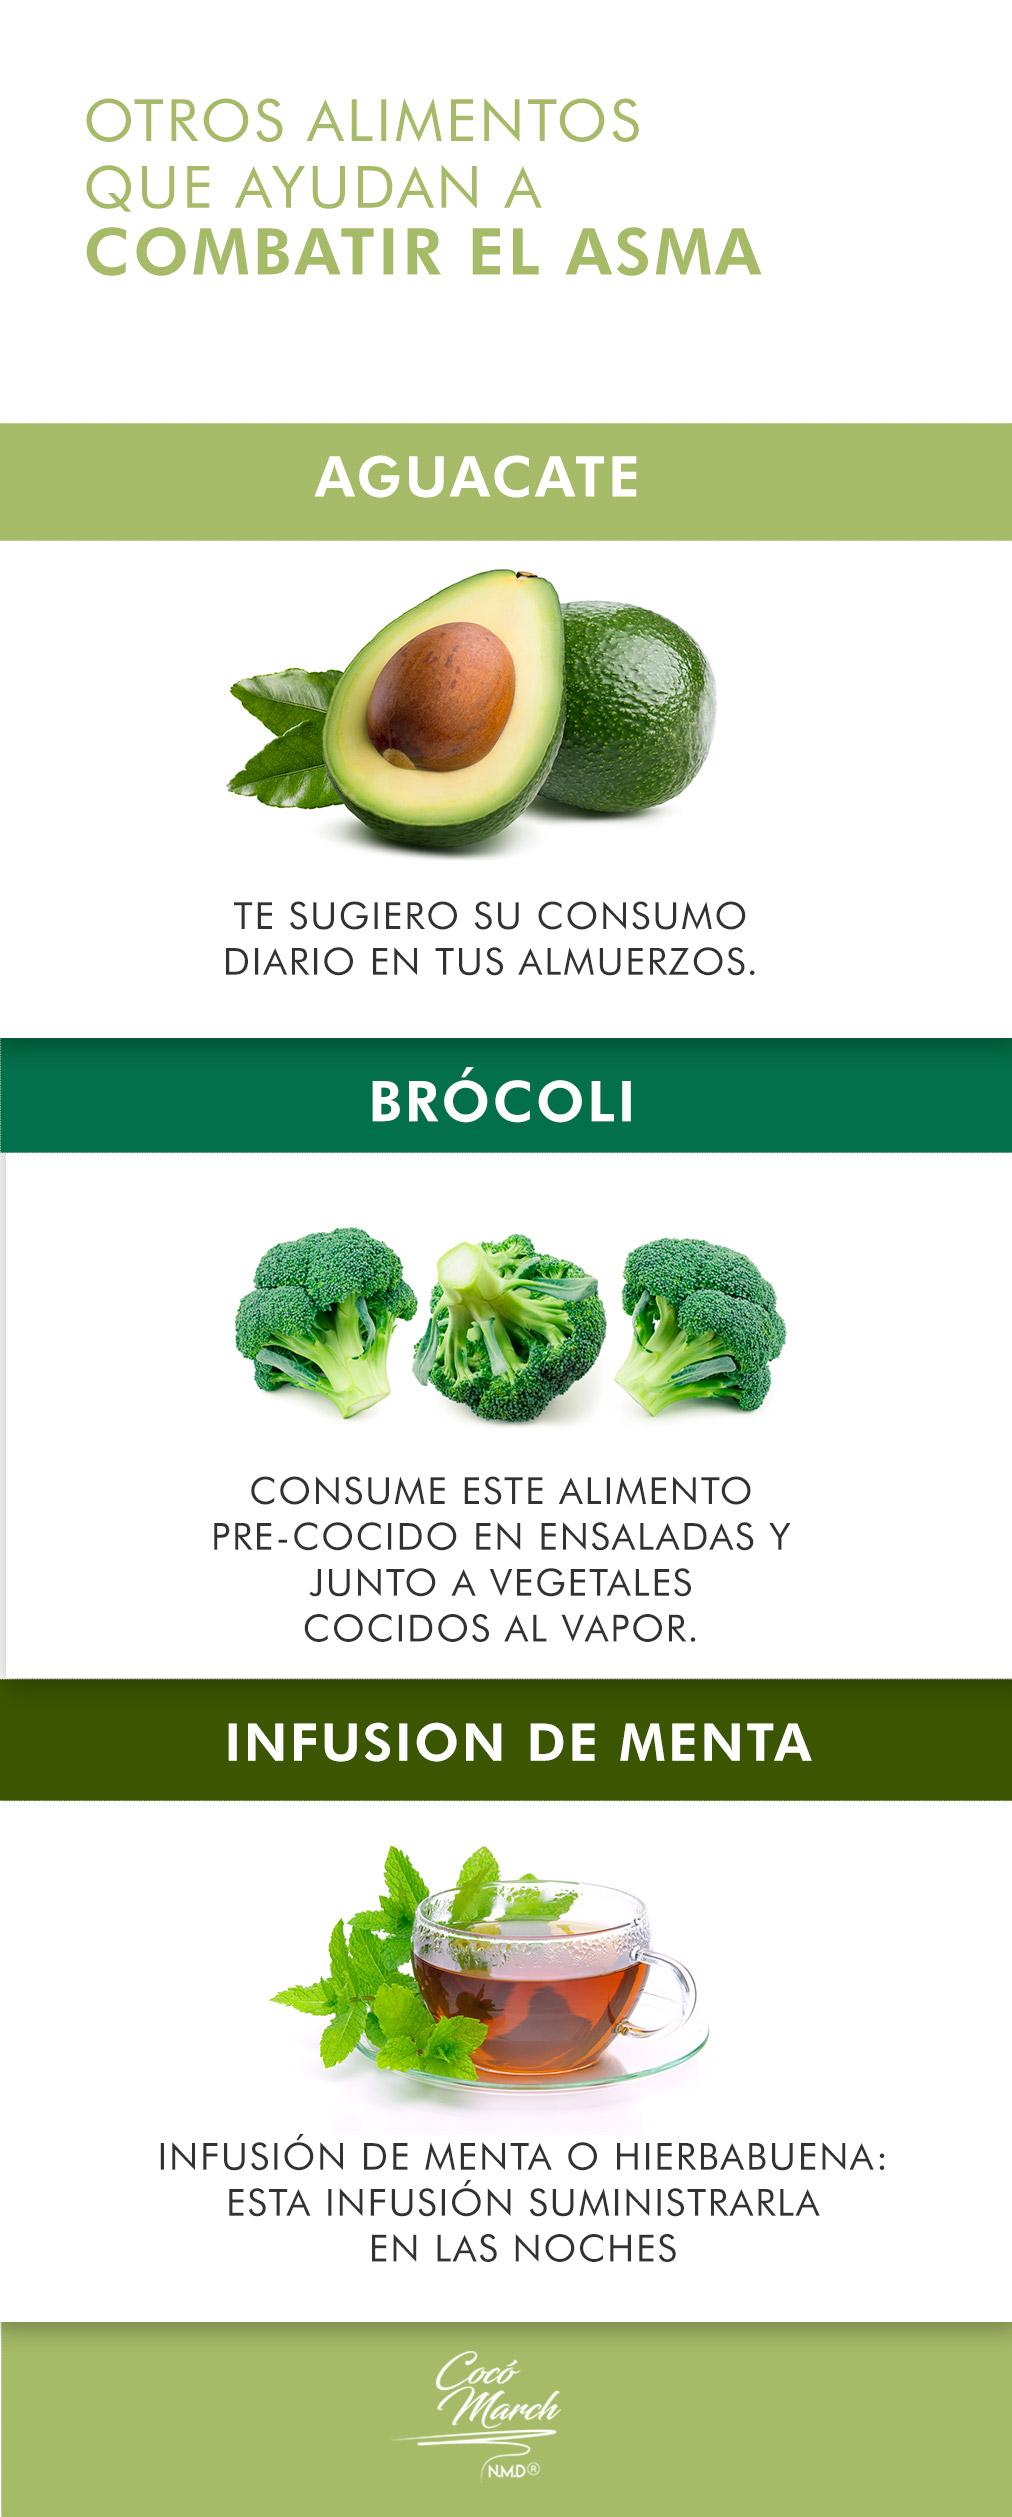 alimentos-para-combatir-el-asma